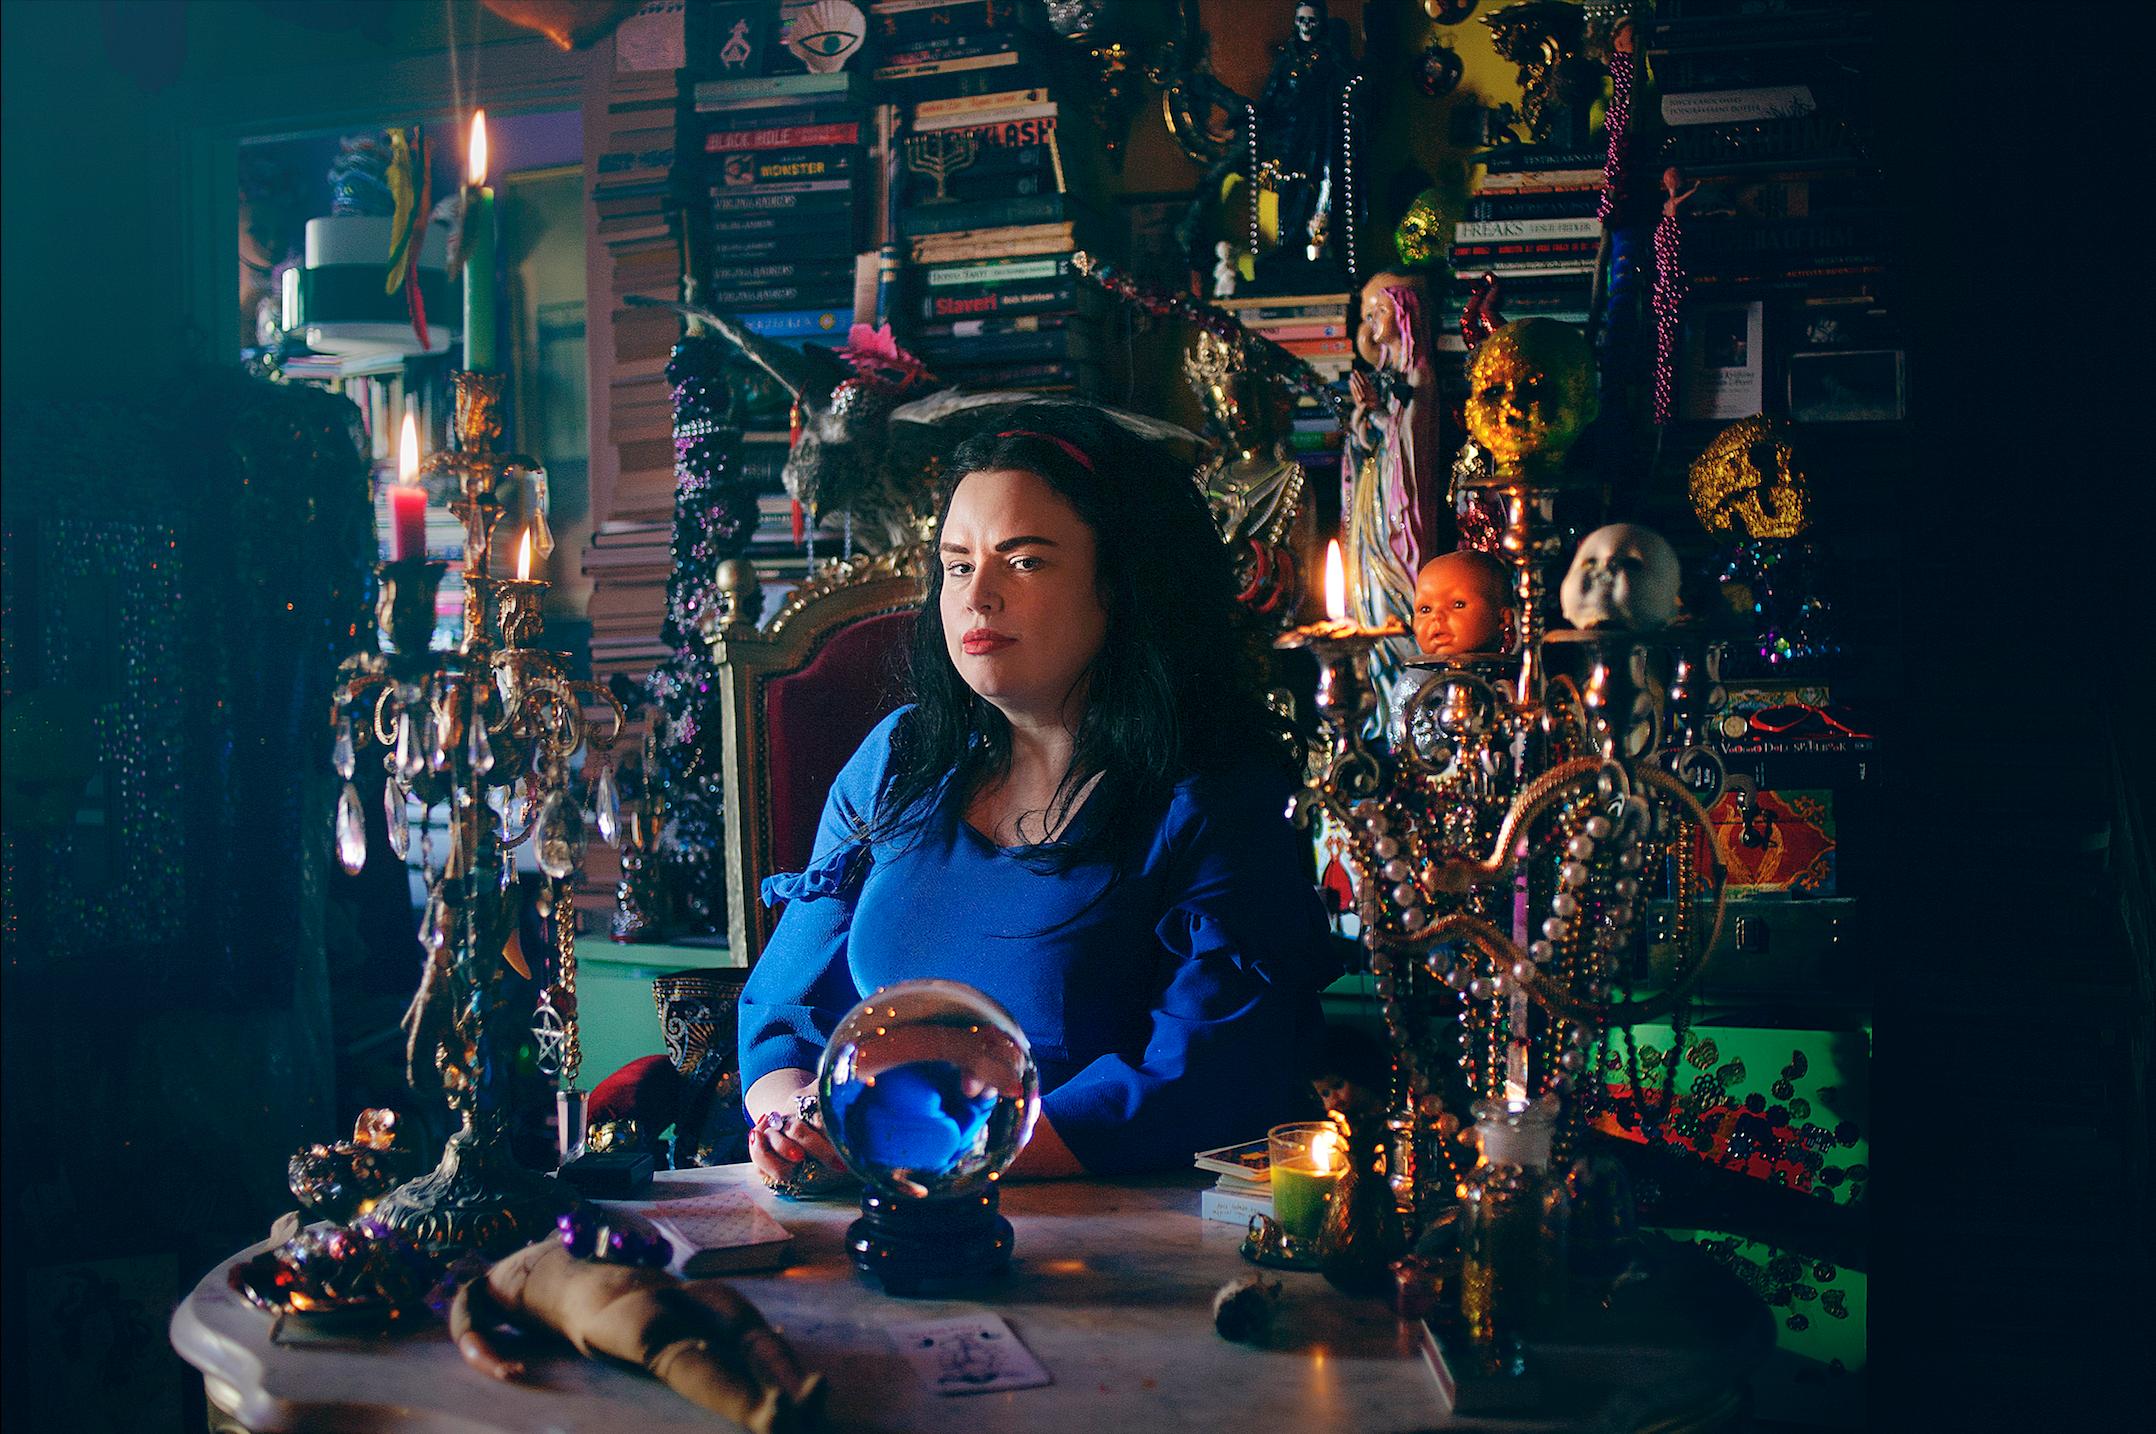 Linda Spåman sitter bakom ett bord med böcker, smycken och prydnader bakom.